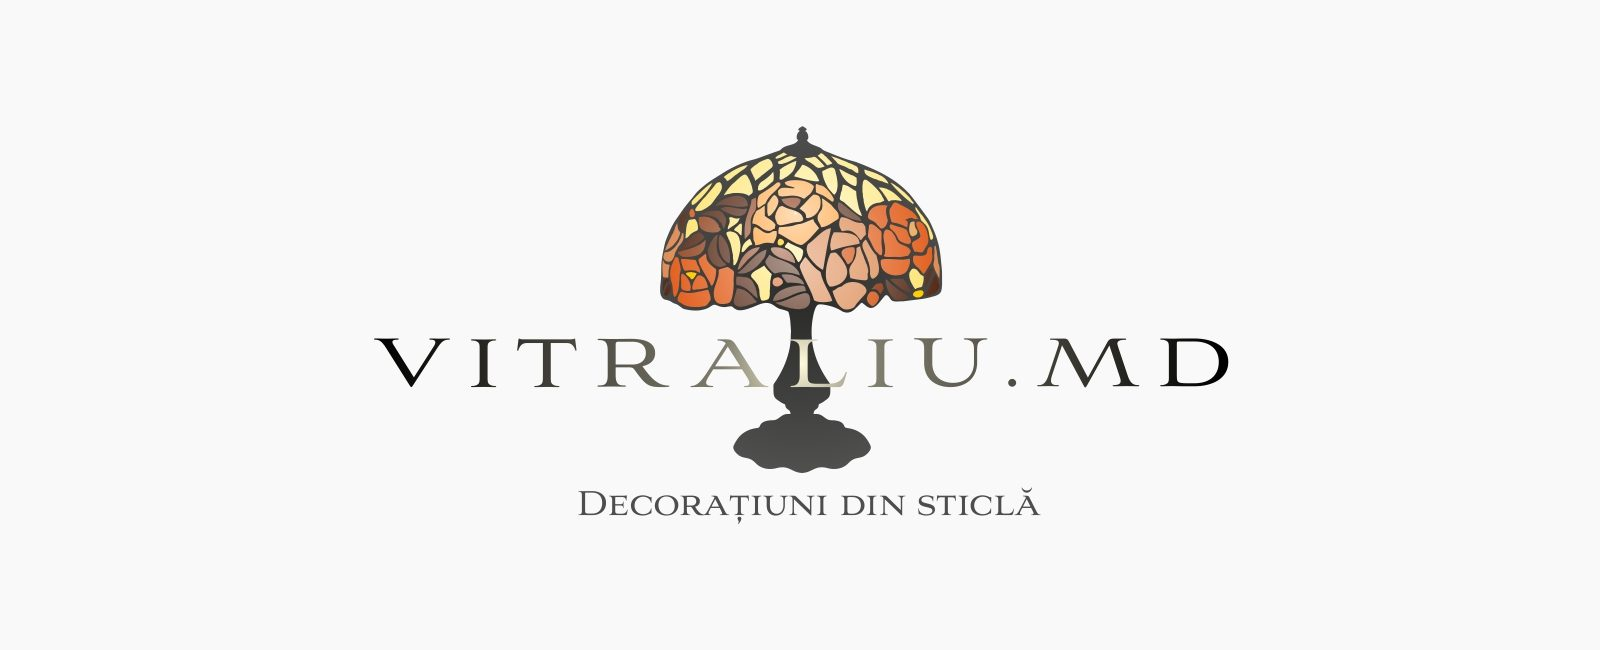 Vitraliu.md